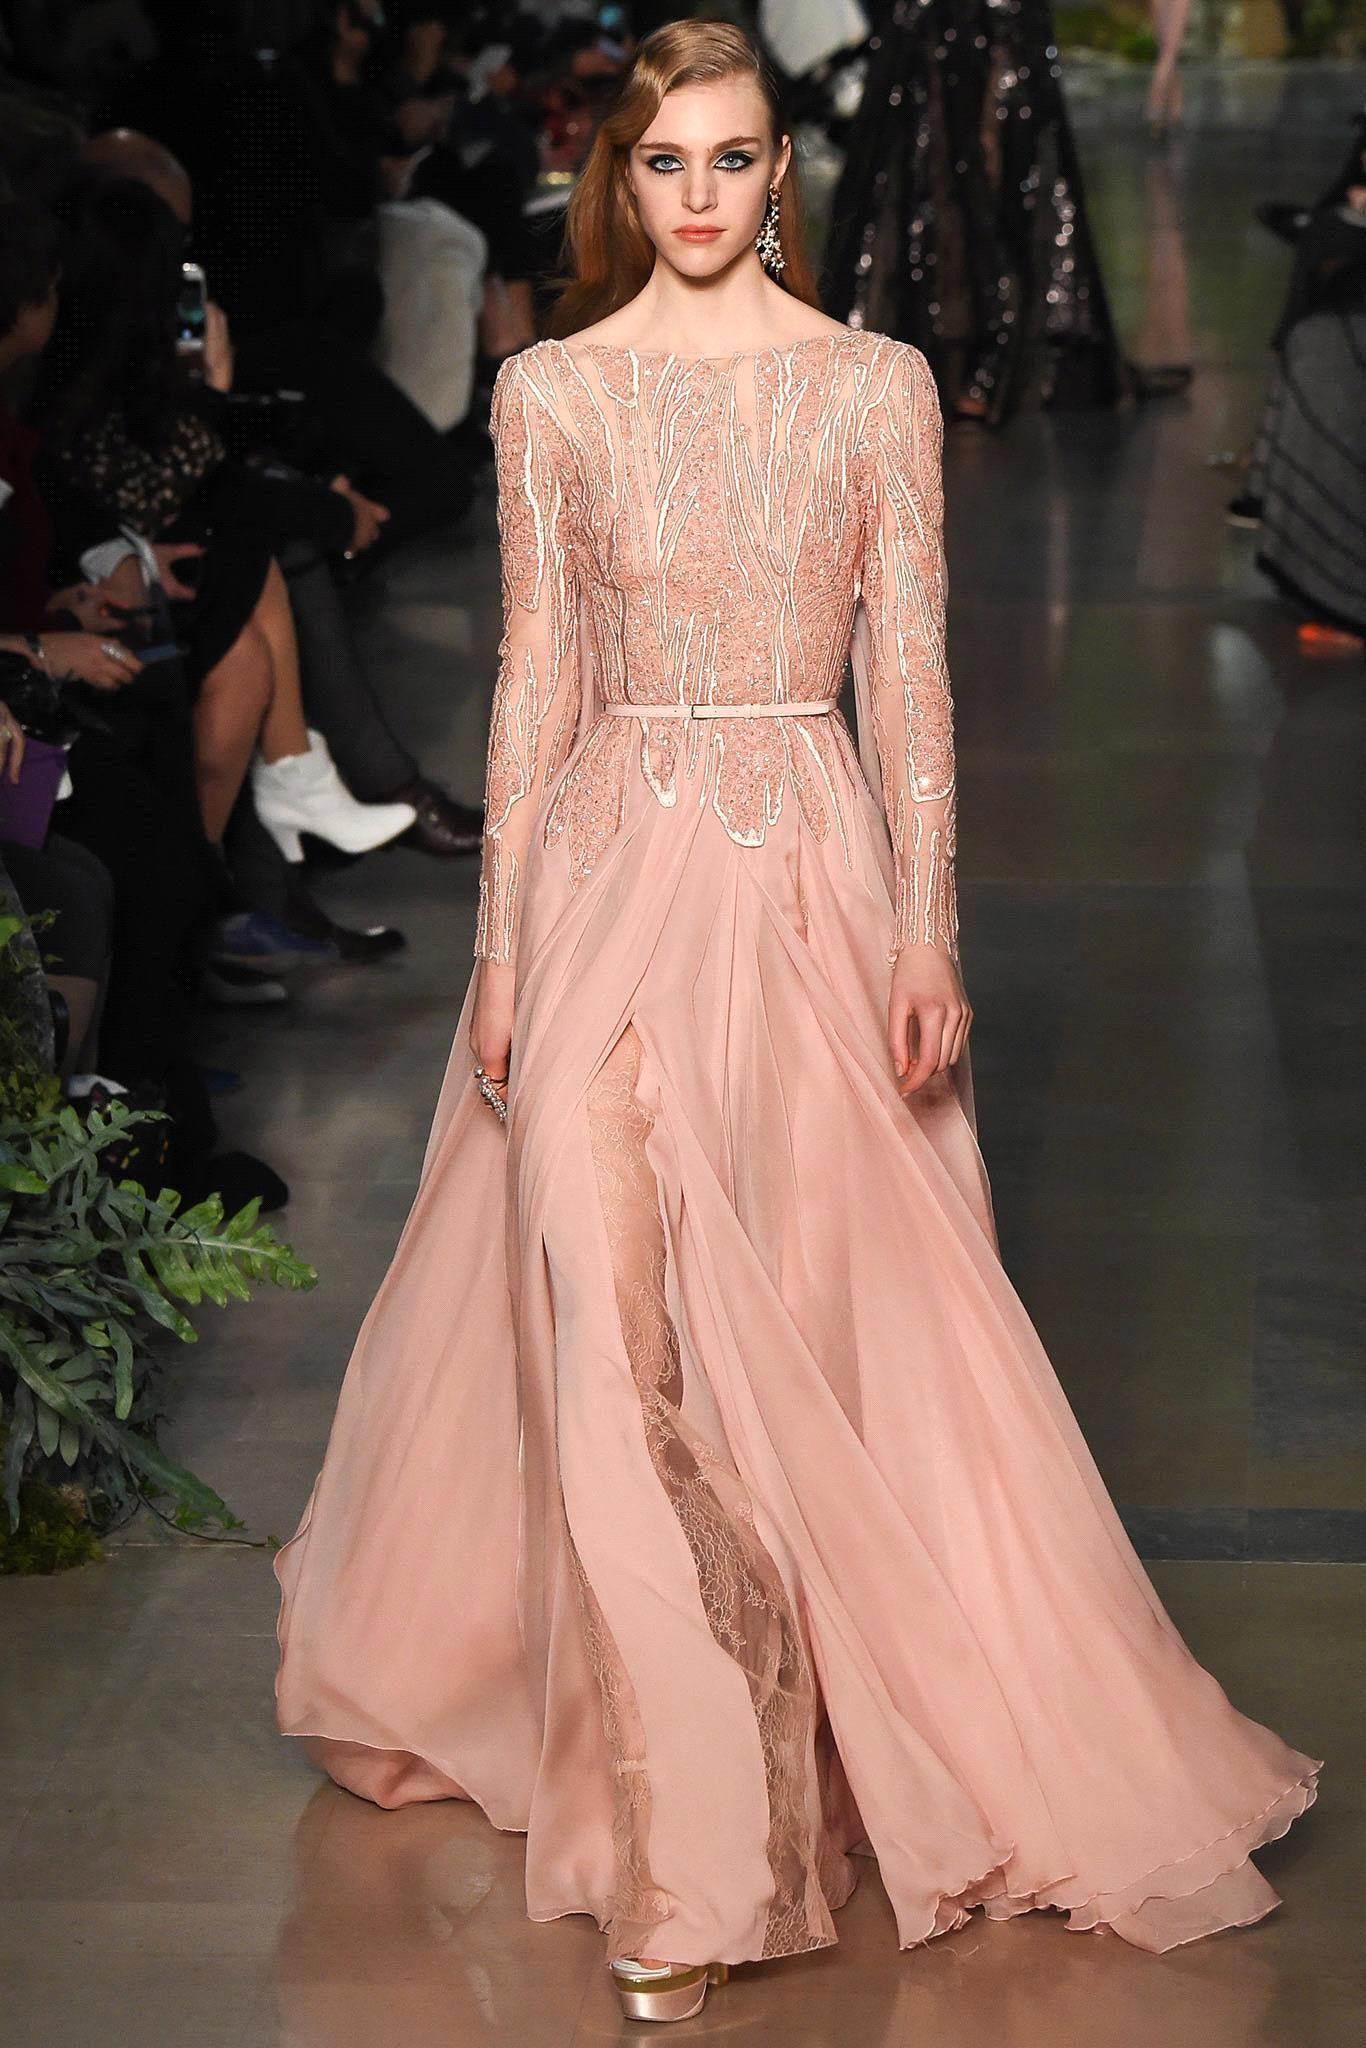 2016 Elie Saab neue schiere langen Ärmeln Abendkleider Spitze Perlen Top Chiffon Split bodenlangen formale Prom Kleider